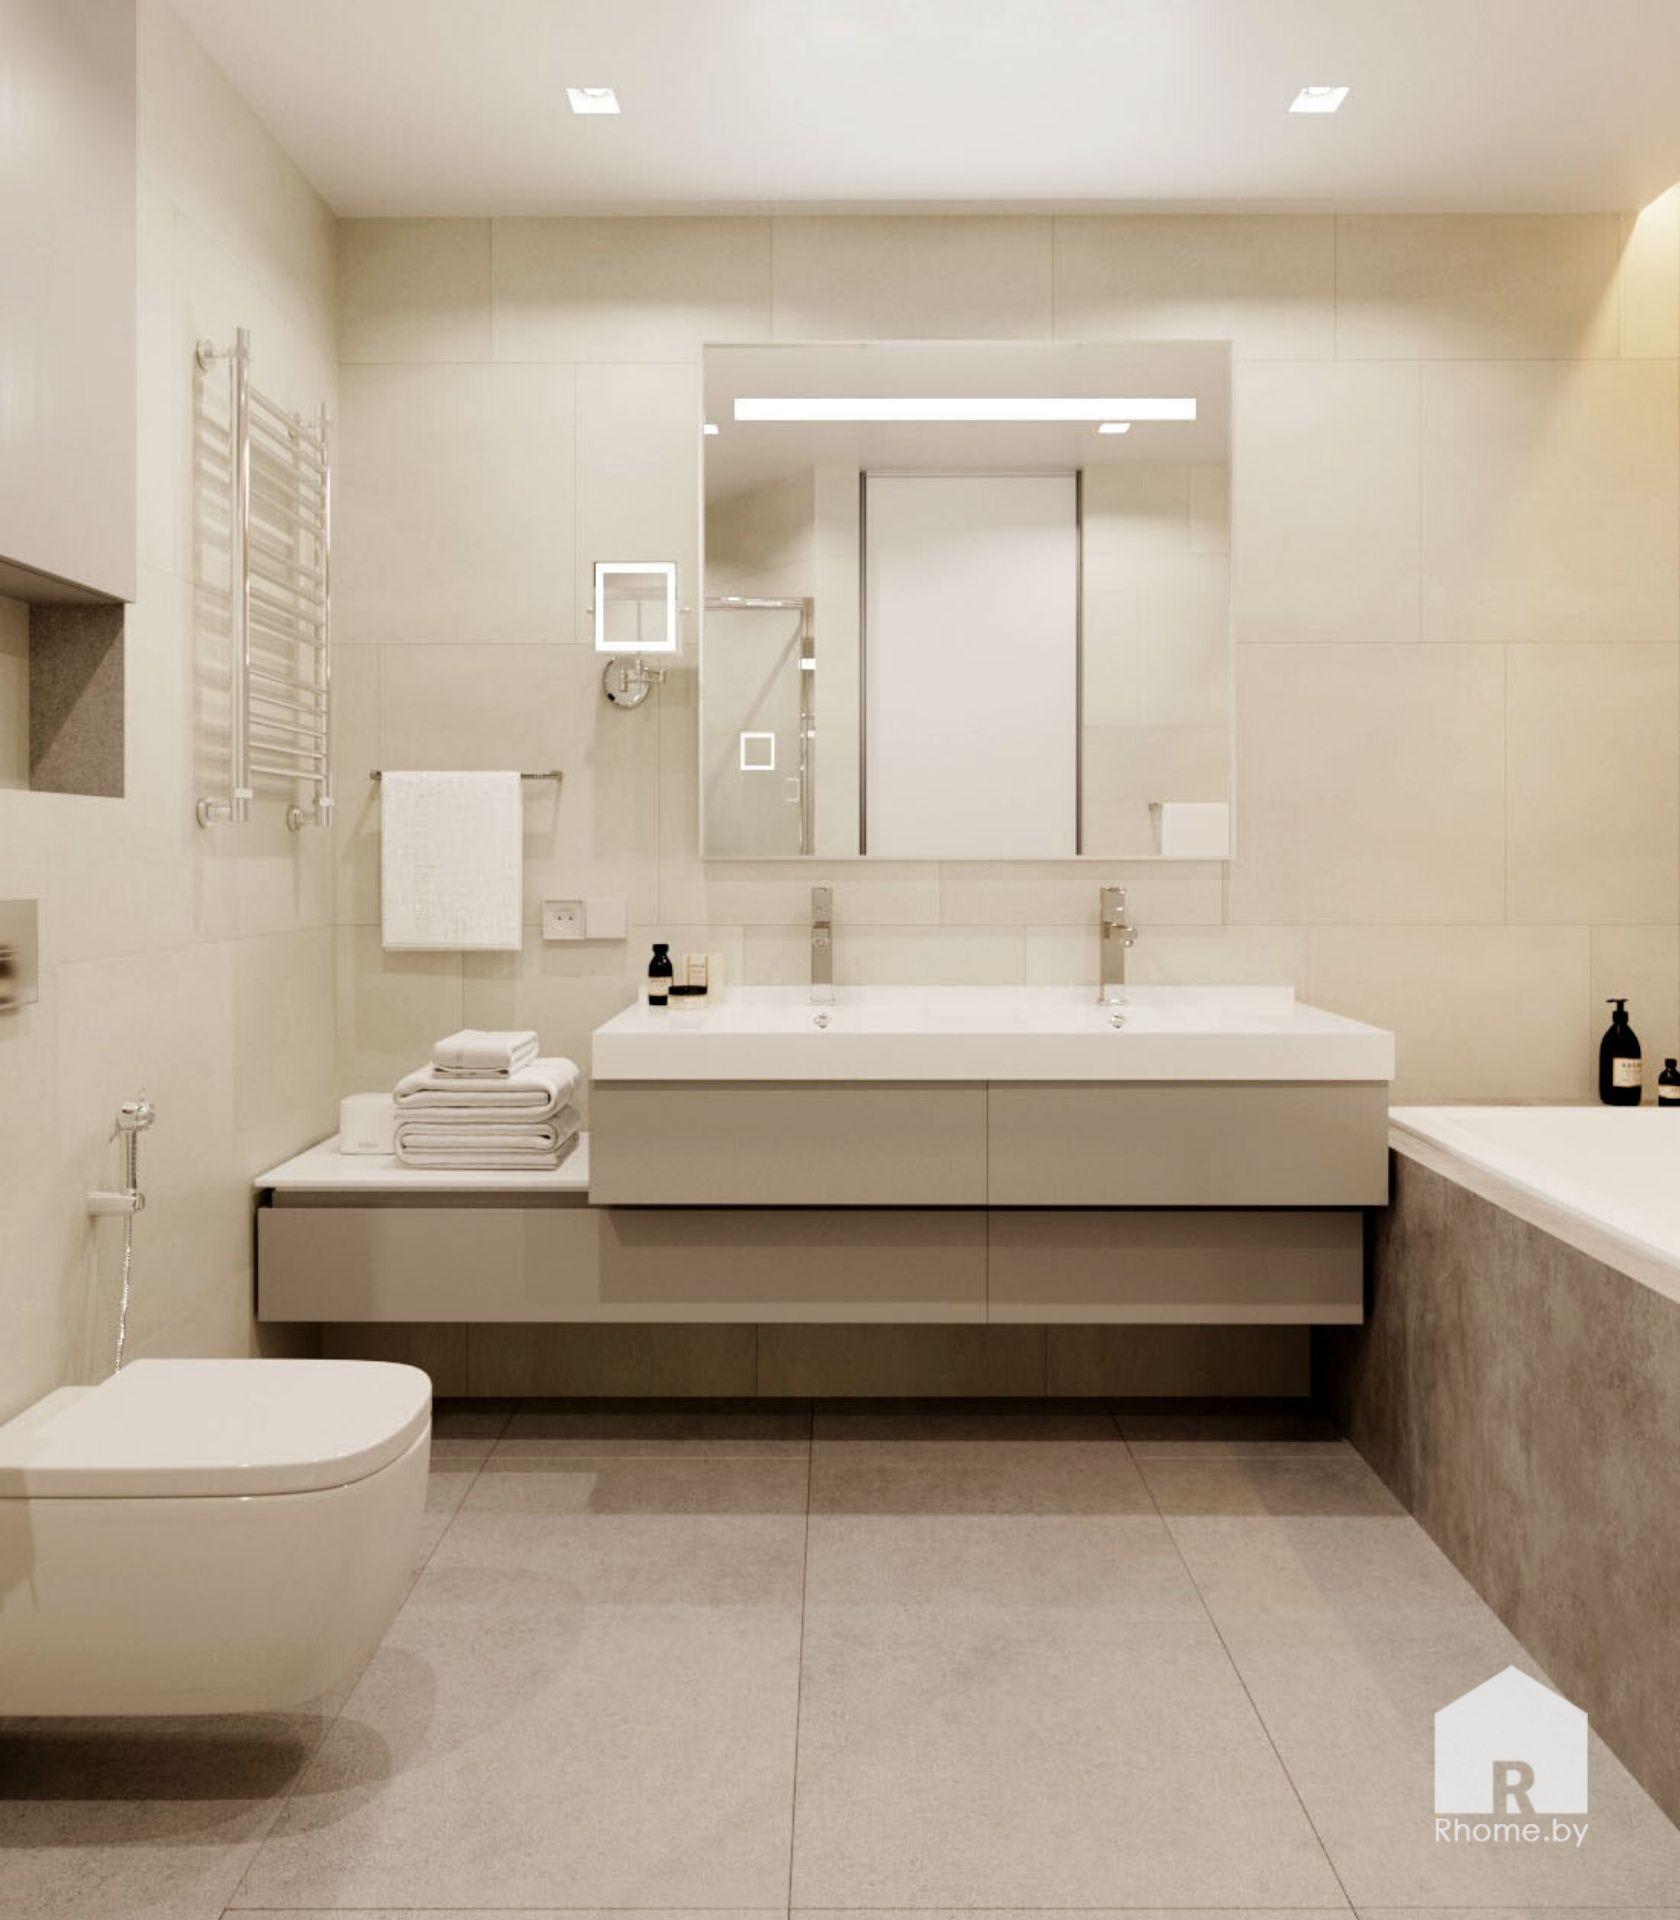 Ванная комната облицованная плиткой под камень, в центре тумба под умывальник и зеркало